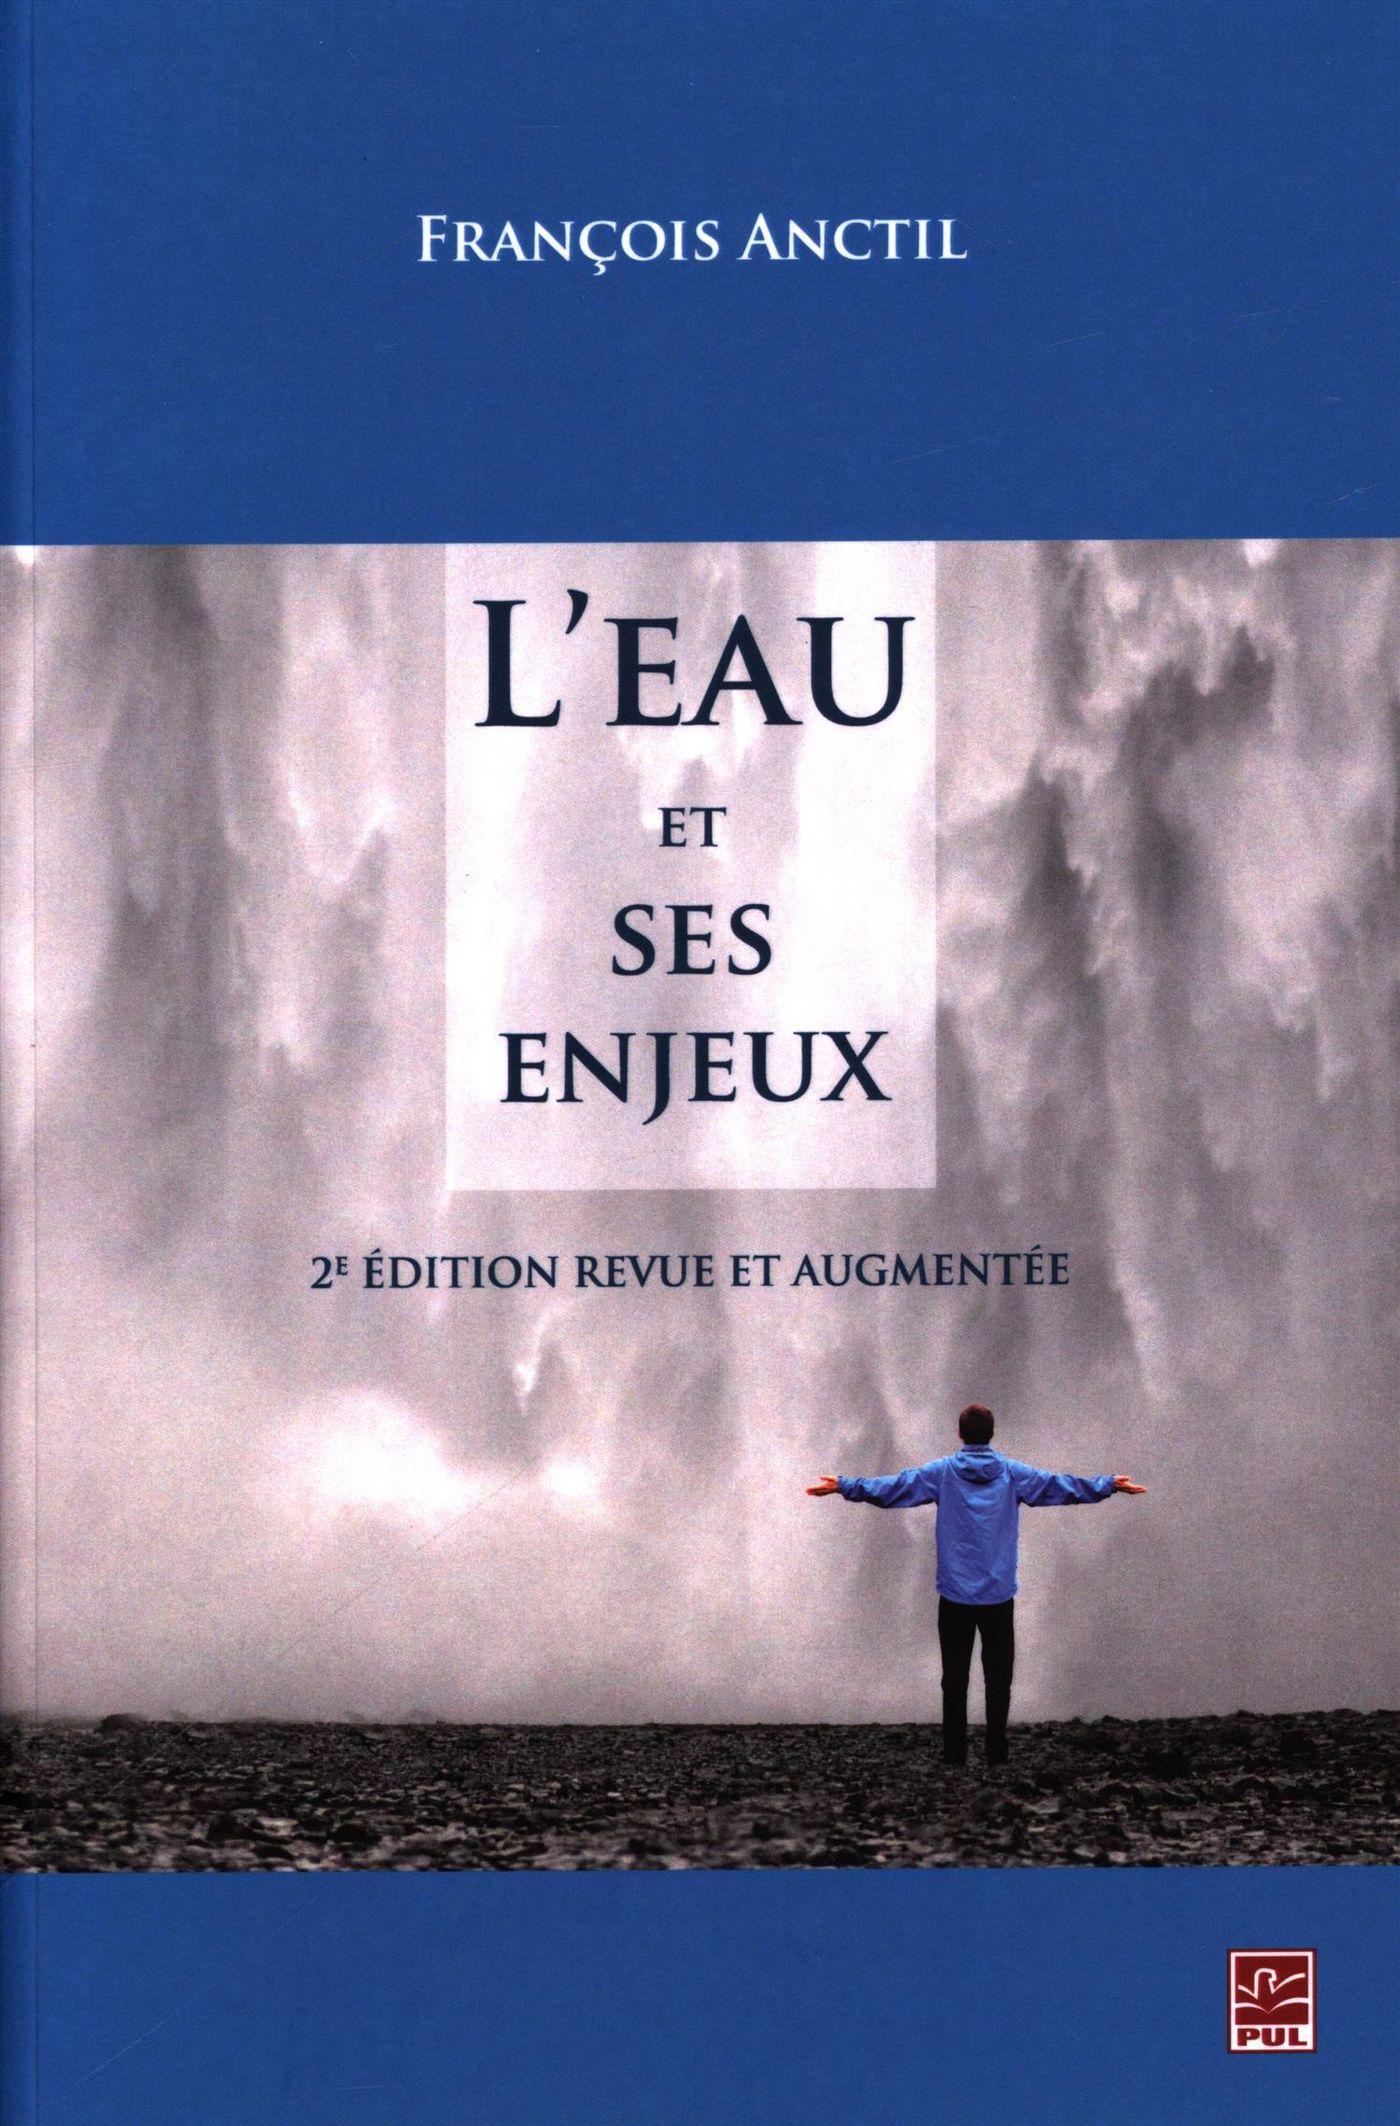 L'eau et ses enjeux 2e édition